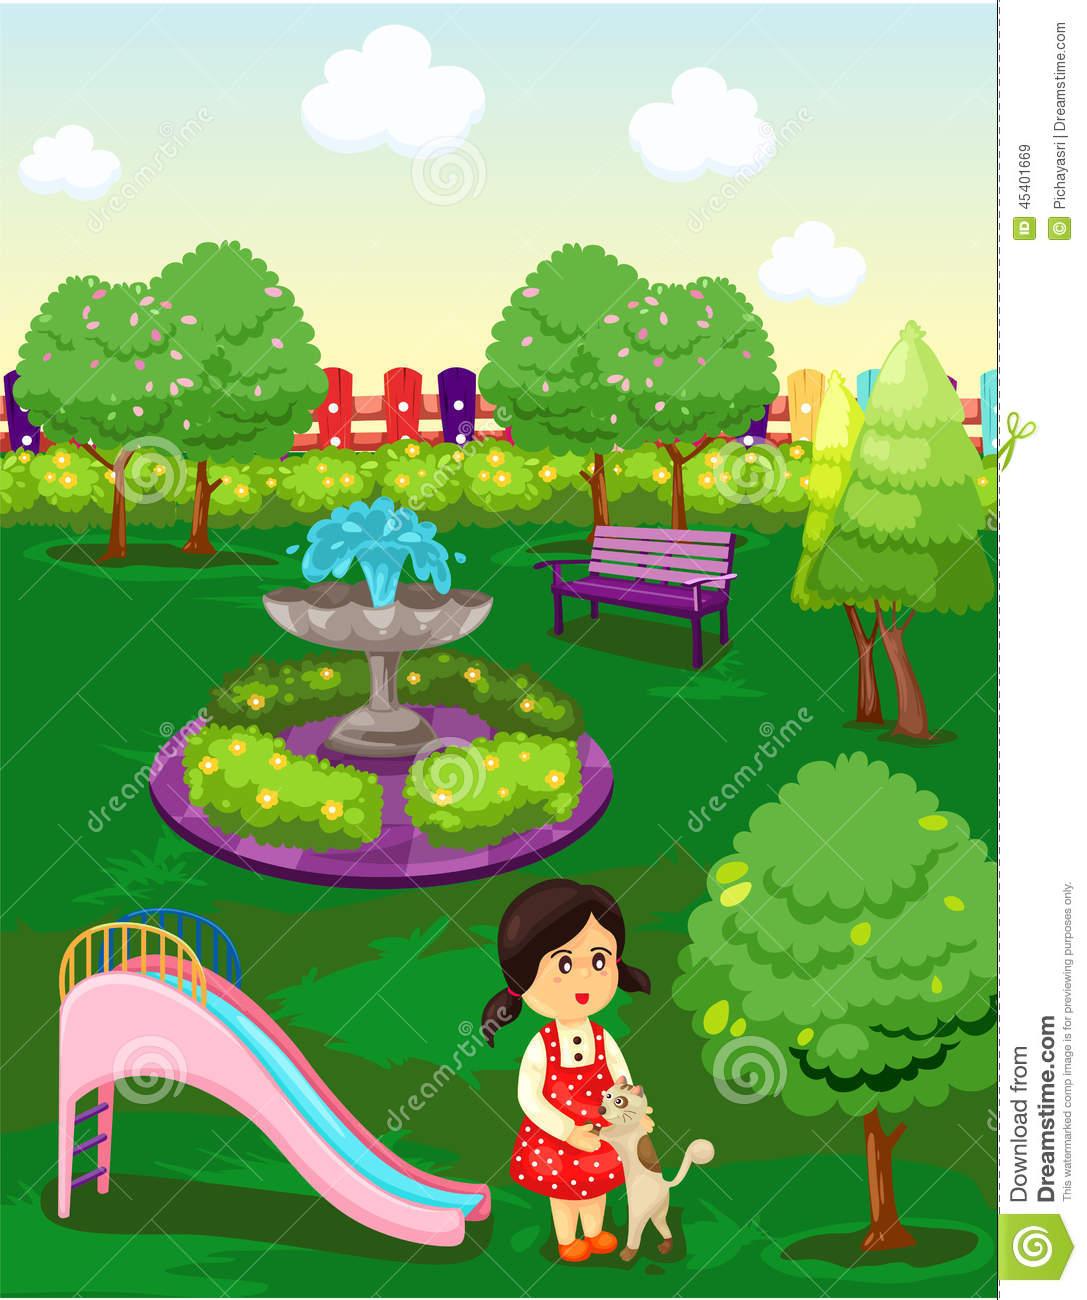 El parque clipart.